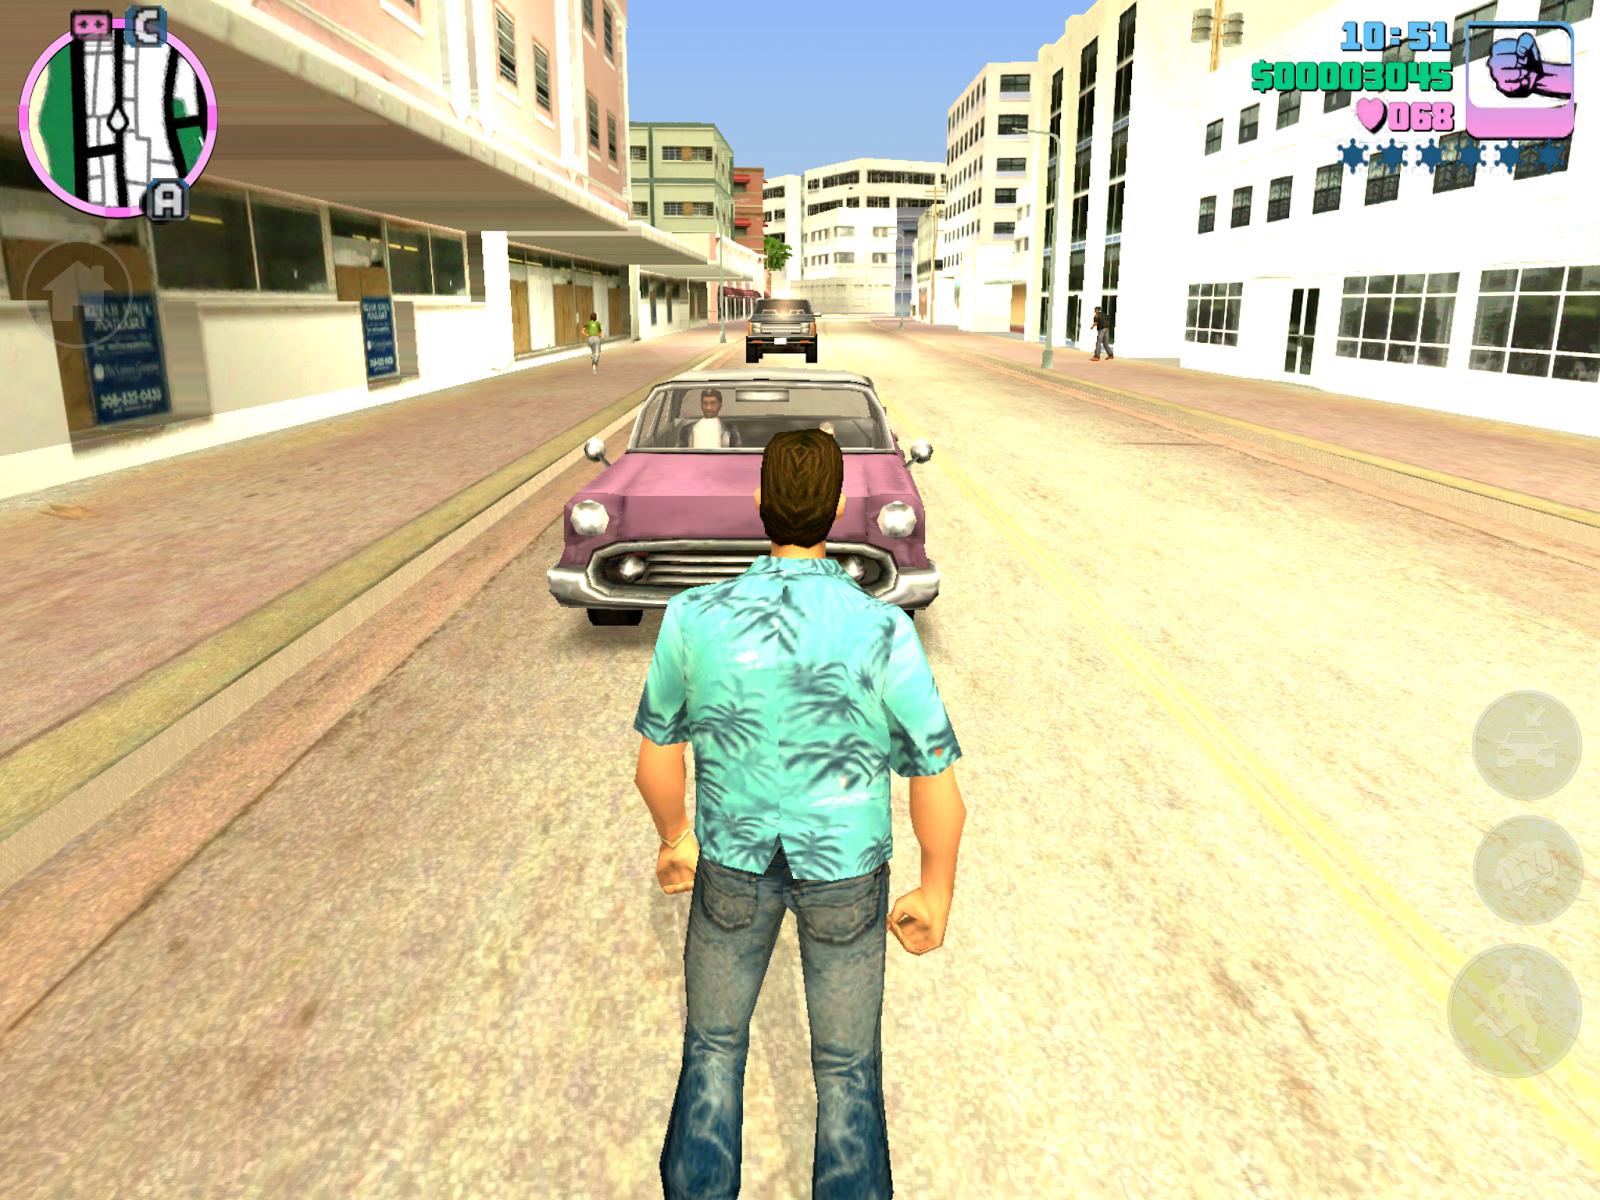 Telecharger Jeux Videos Pc Gratuit 5: Mss32 Dll Gta Vice City encequiconcerne Jeux De Grand Gratuit